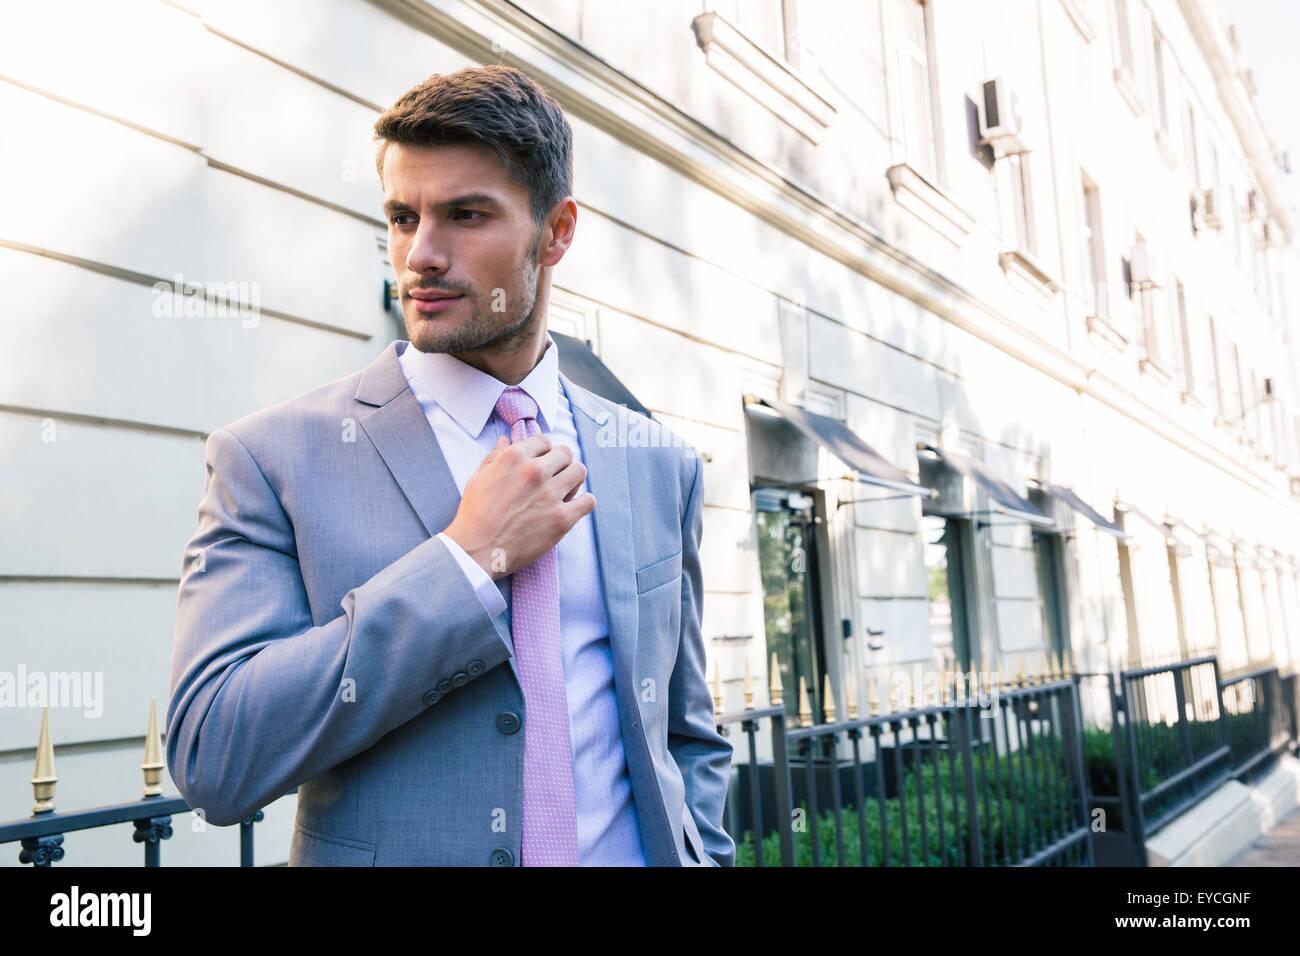 Seguros de empresario endereza su corbata al aire libre Imagen De Stock